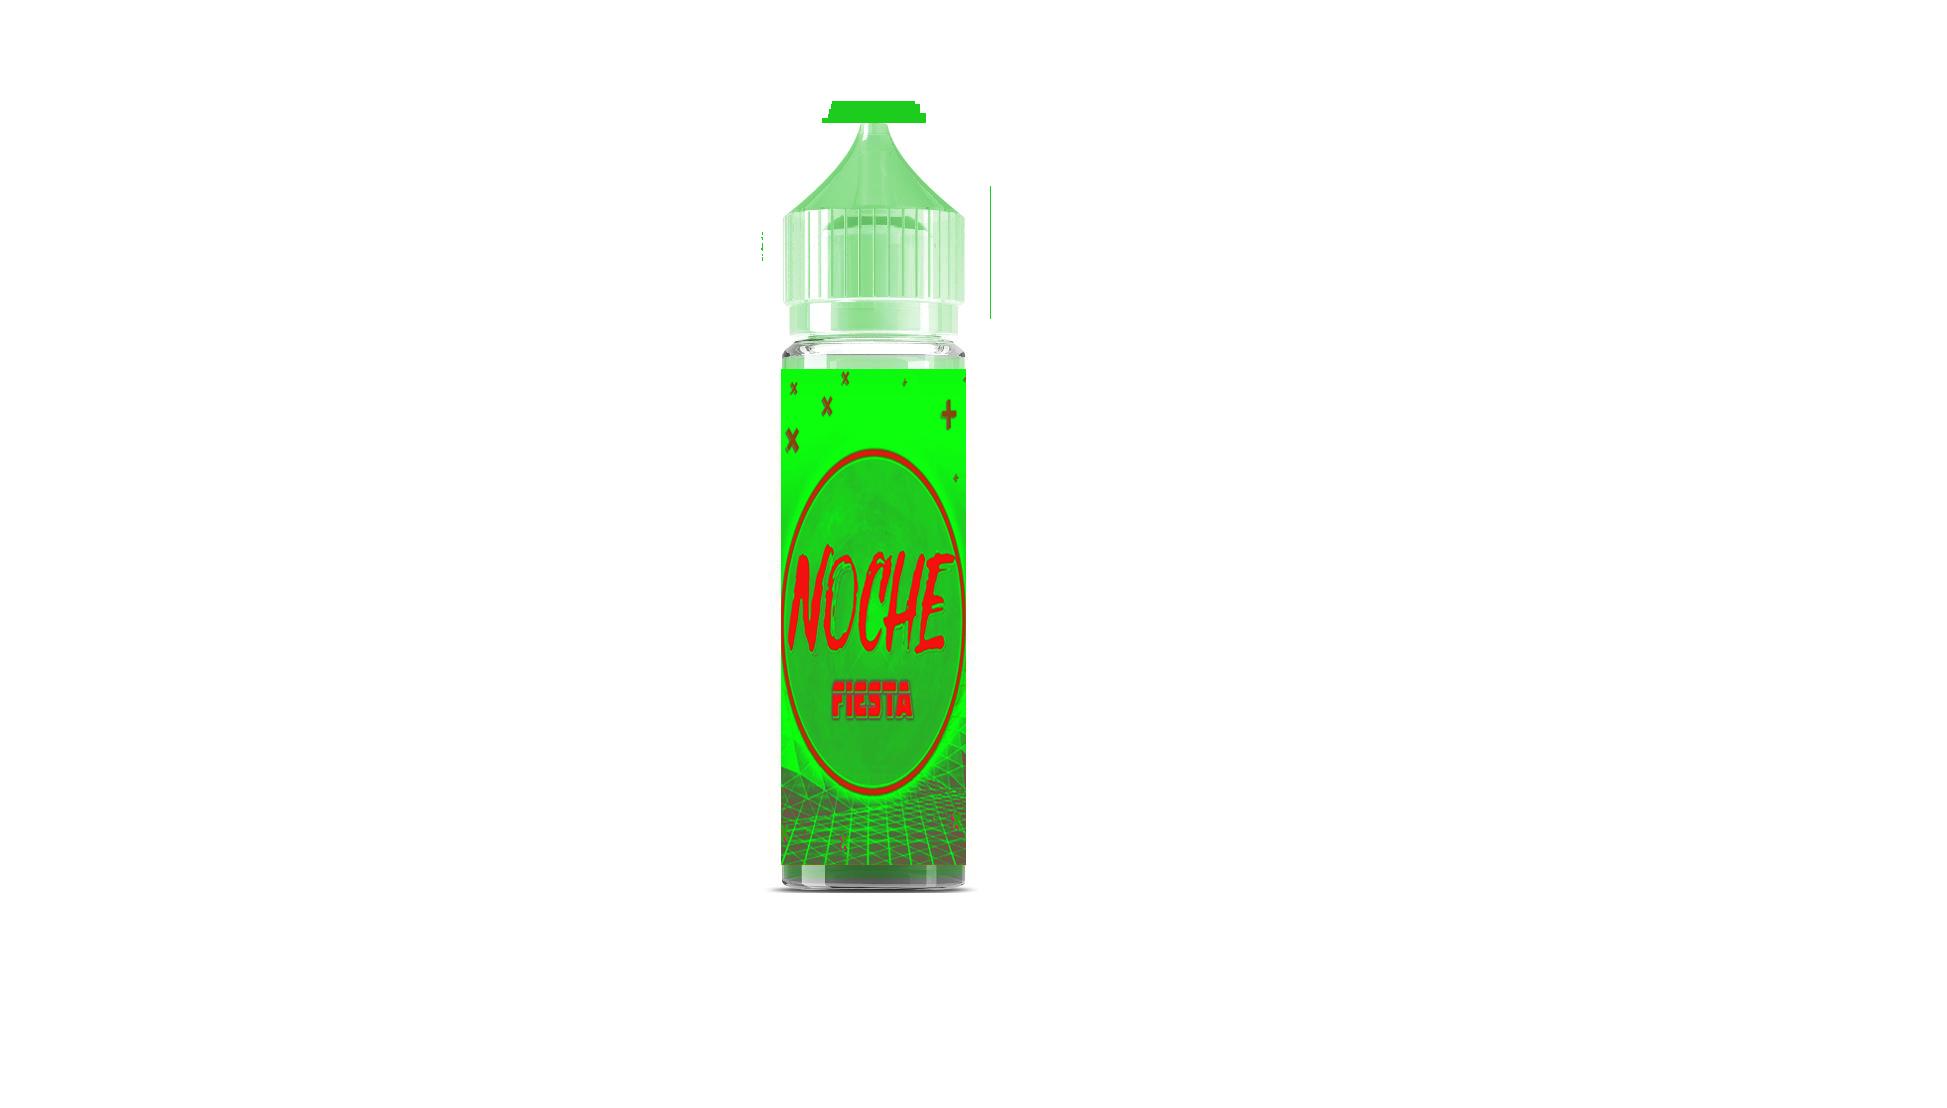 Этикетка для жидкости электронных сигарет  фото f_36458fddc73d485e.png